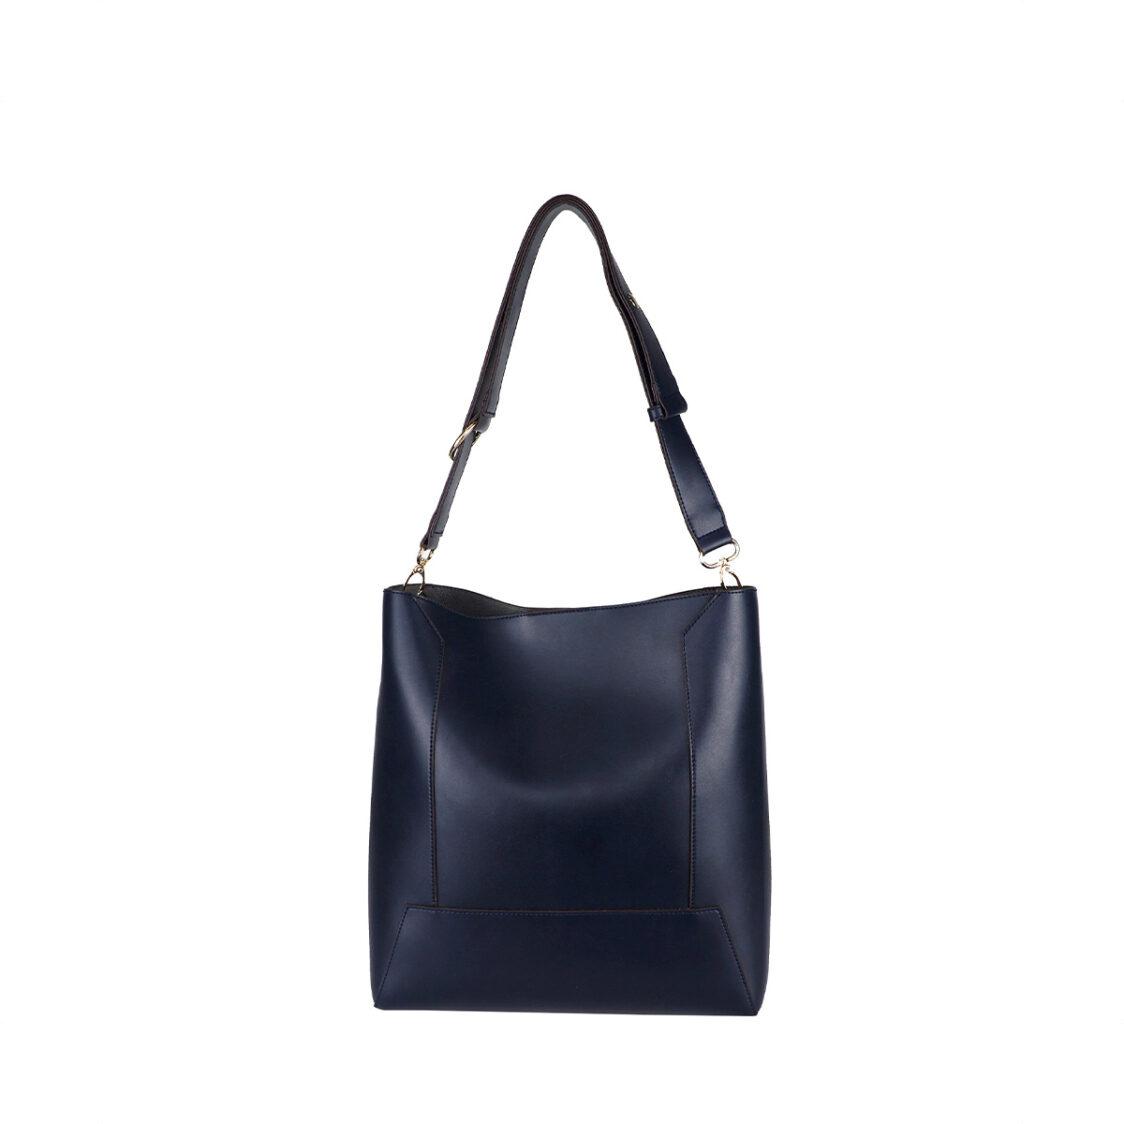 Perllini  Mel Box Calf Leatherette Bag-In-Bag Shoulder Bag With Adjustable Strap Navy